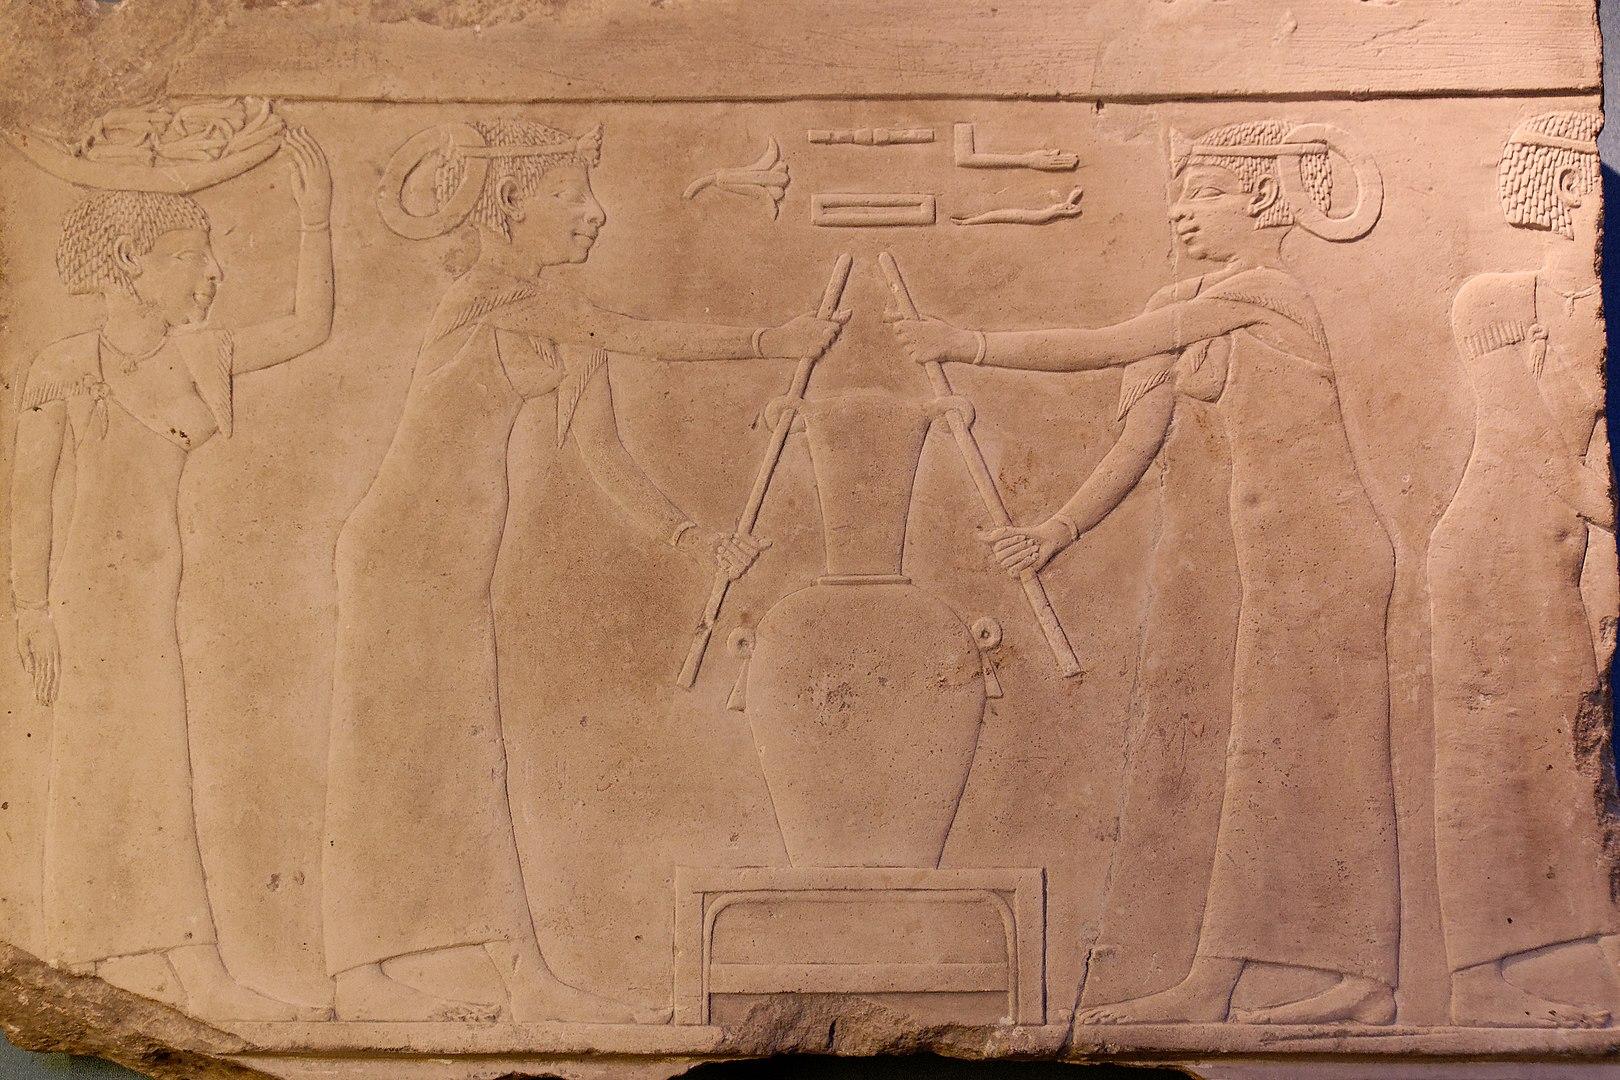 Изображение получения ароматического масла, 4-й в. до н.э.